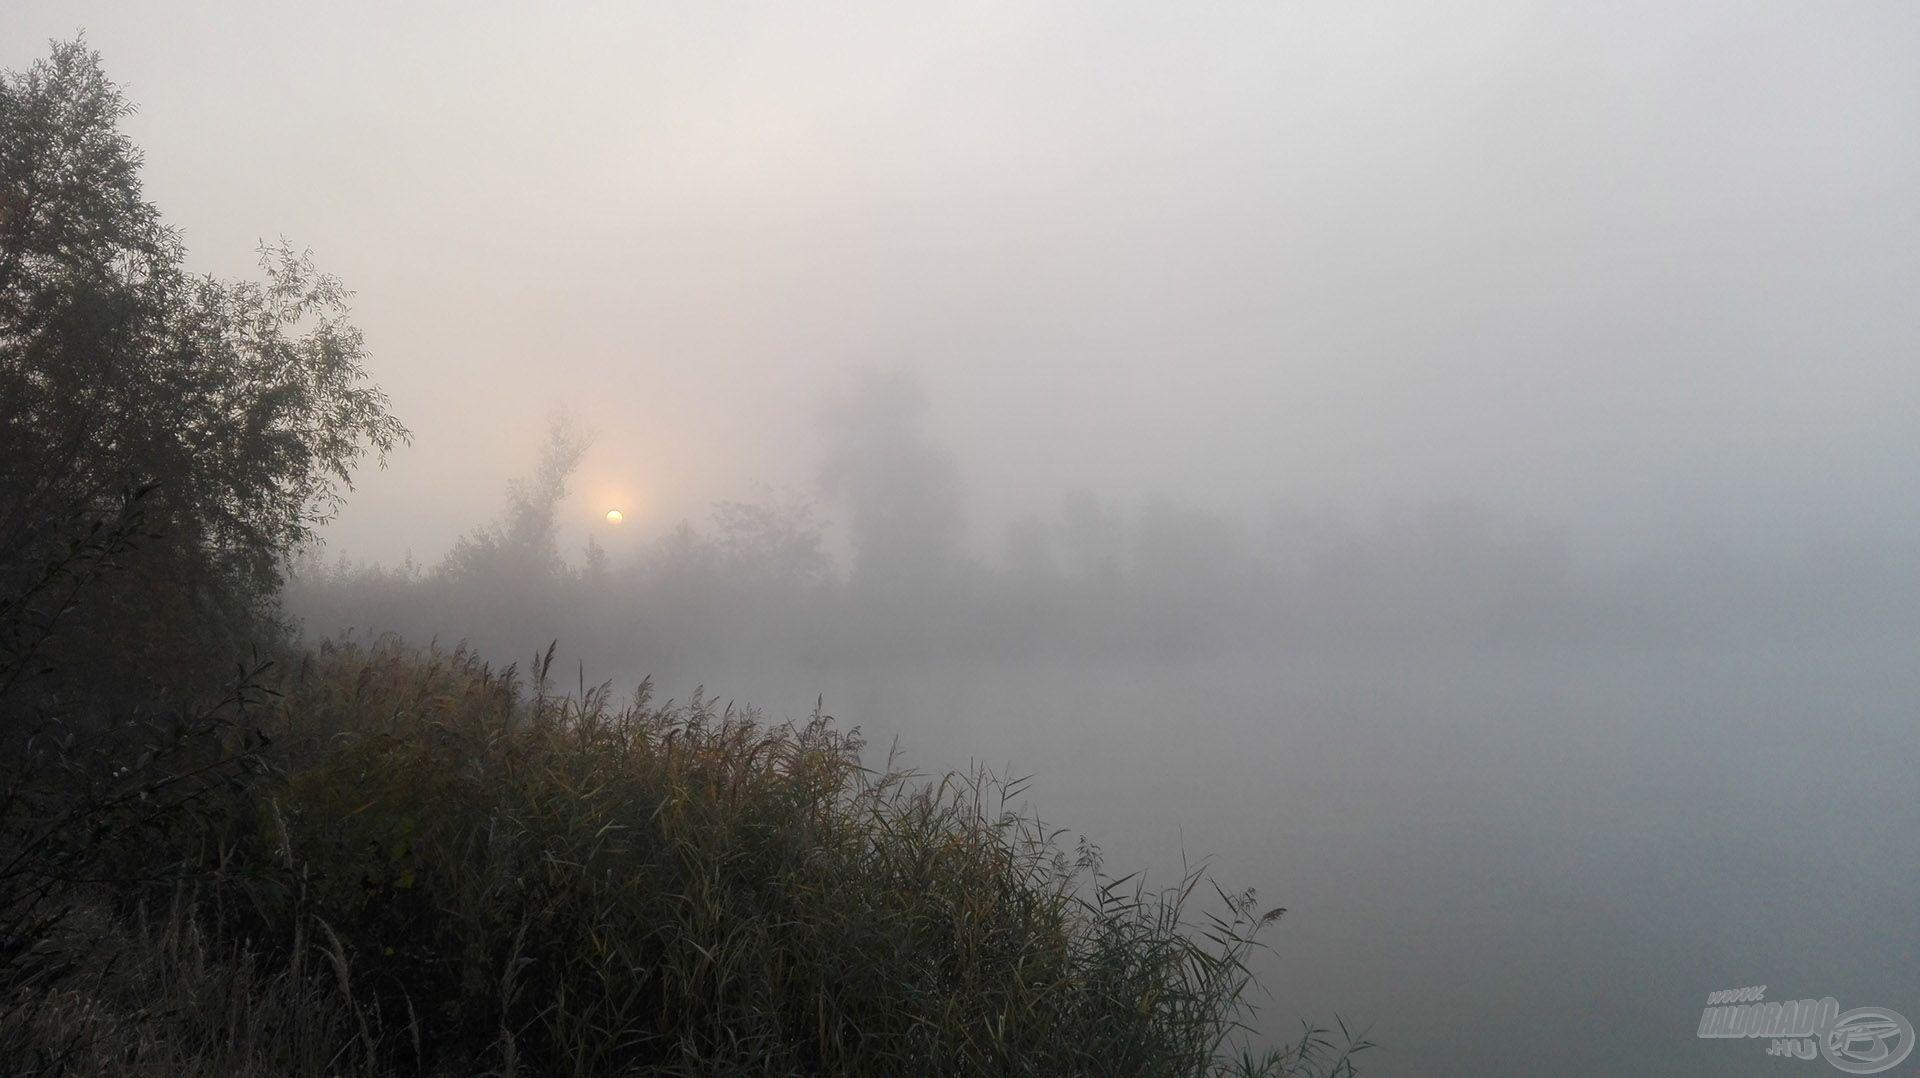 A felkelő nap próbálkozása az egyre sűrűsödő ködben...